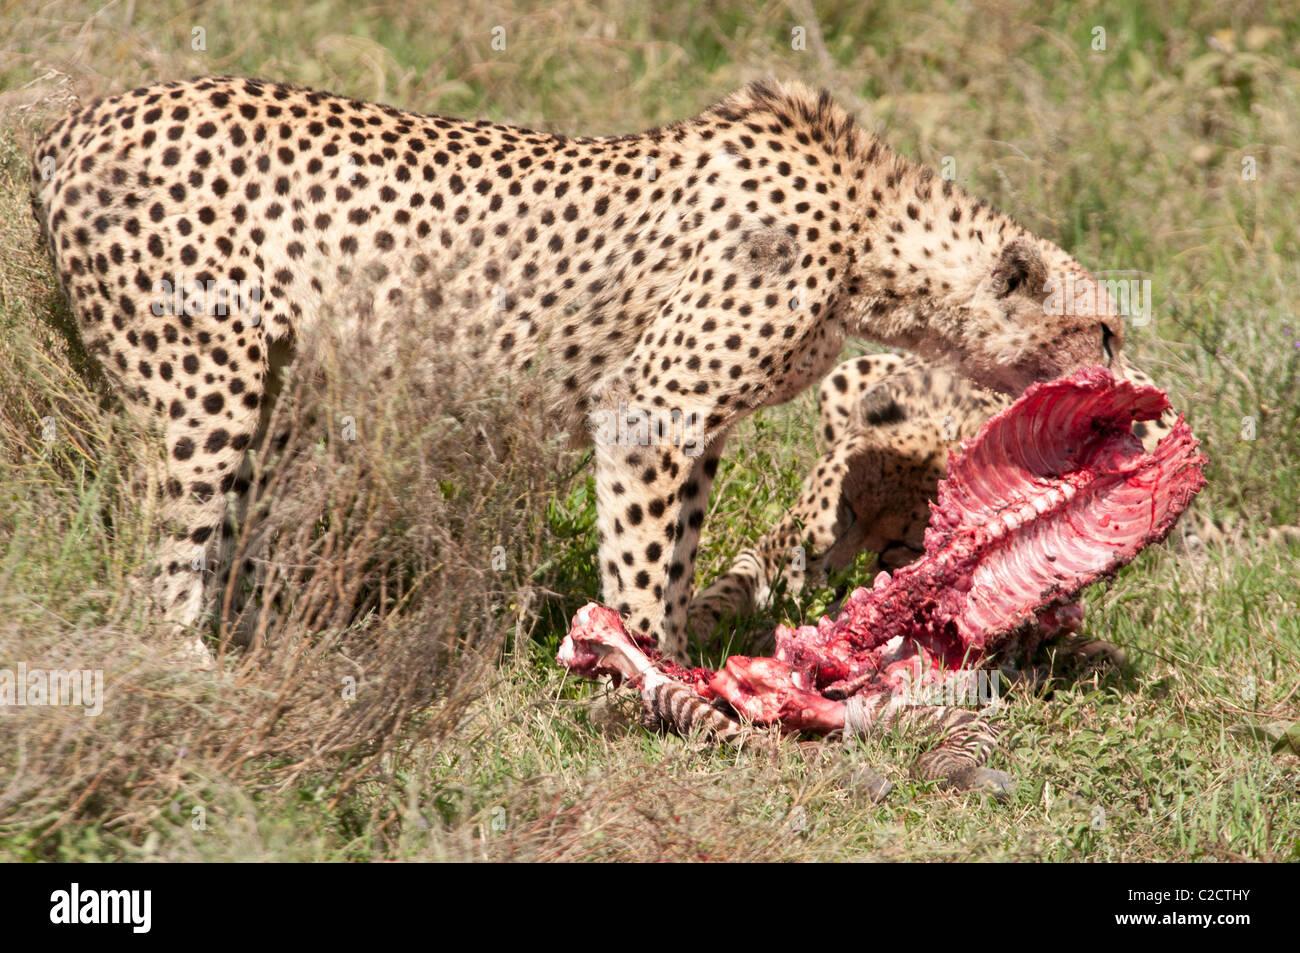 Fotografía De Stock De Un Guepardo Comiendo Un Cadáver De